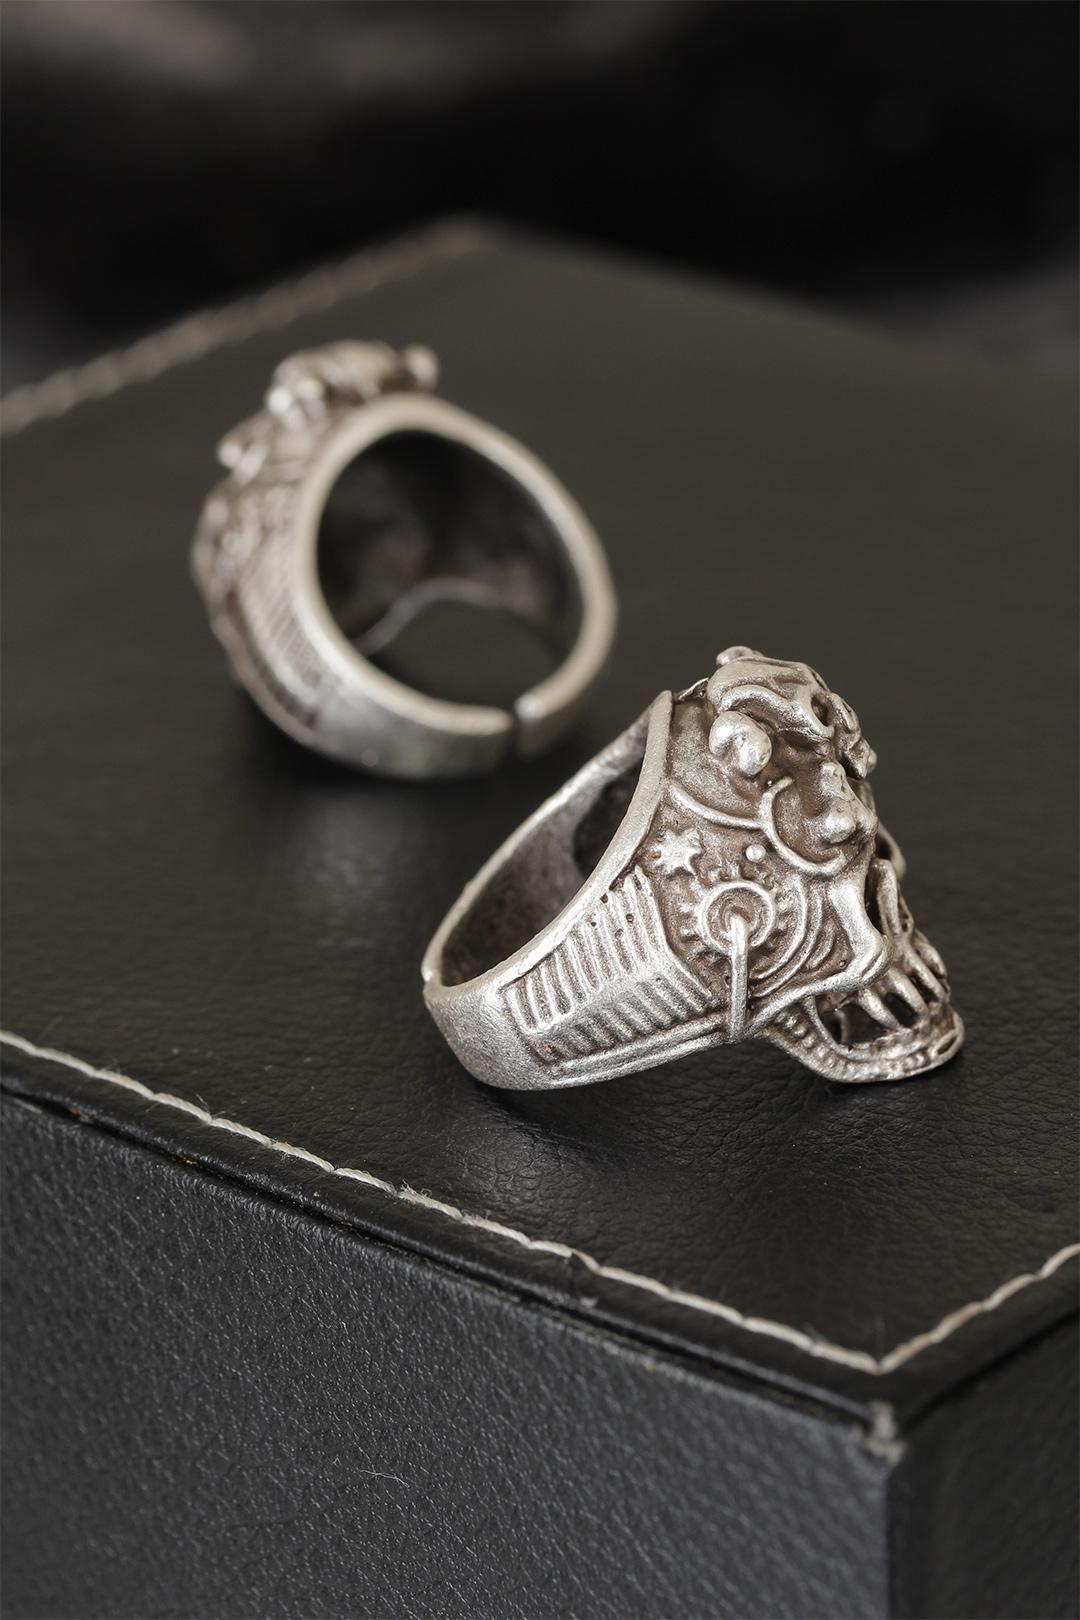 Kuru Kafalı Eskitme Gümüş Renk Desenli Ayarlamalı Model Erkek Yüzük